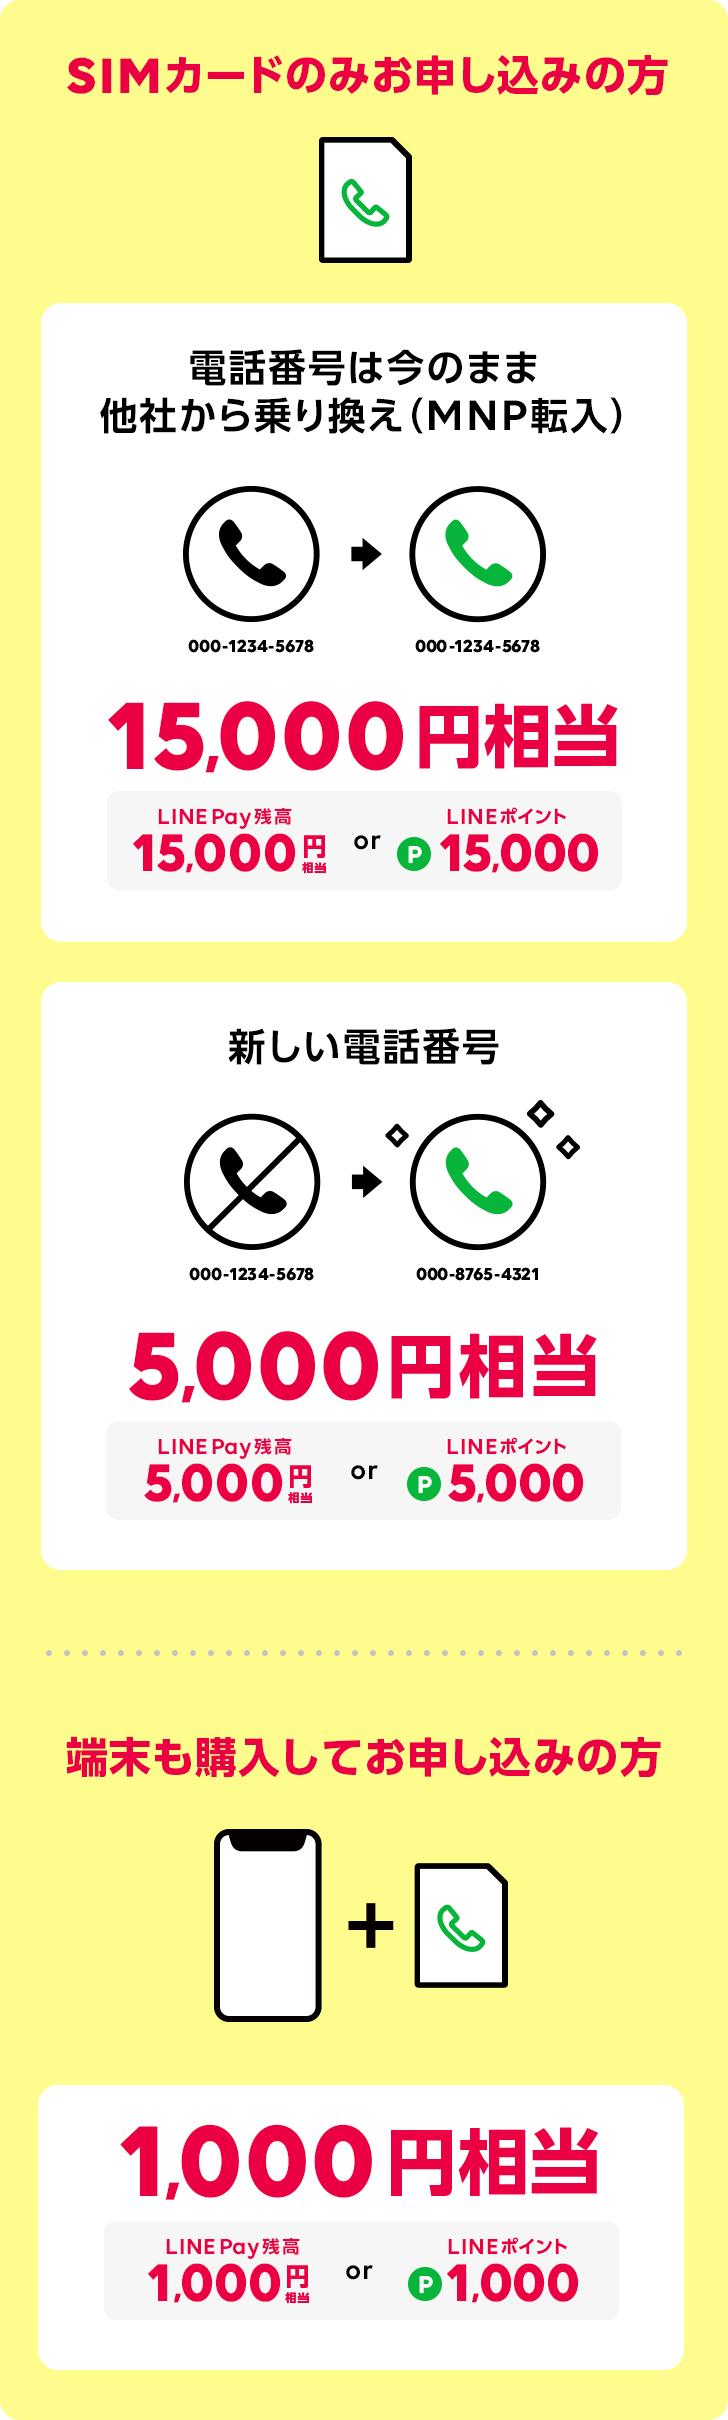 SIMカードのみお申し込みの方。端末も購入してお申し込みの方。